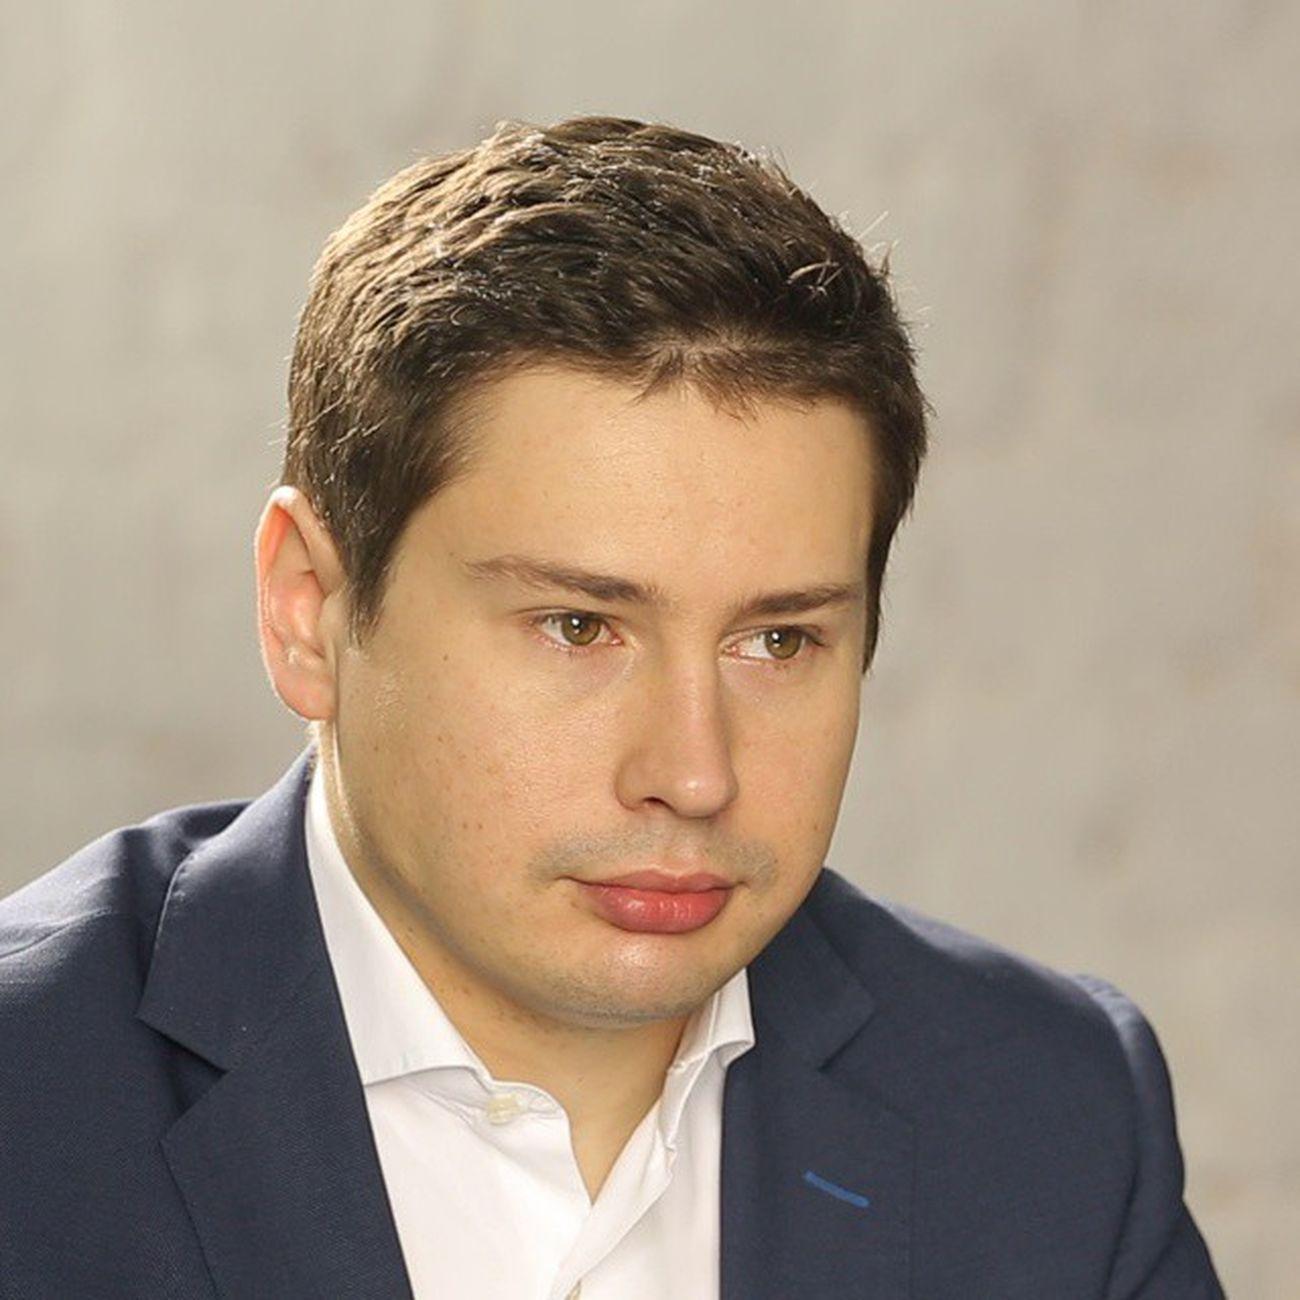 Александра Альперна называют человеком, который успел прыгнуть в уходящий поезд, так как Webinar.ru привлек раунд в $7,3 млн (в том числе от ЕБРР) непосредственно перед западными санкциями. Александр рассказывает о сделке; о том, каково оно конкурировать с бесплатными продуктами от Google и Skype; и почему он никогда бы не создал такой бизнес в США http://www.moedelo.org/journal/alexandr-alpern/ Россия сша бизнес интернет интервью моёдело